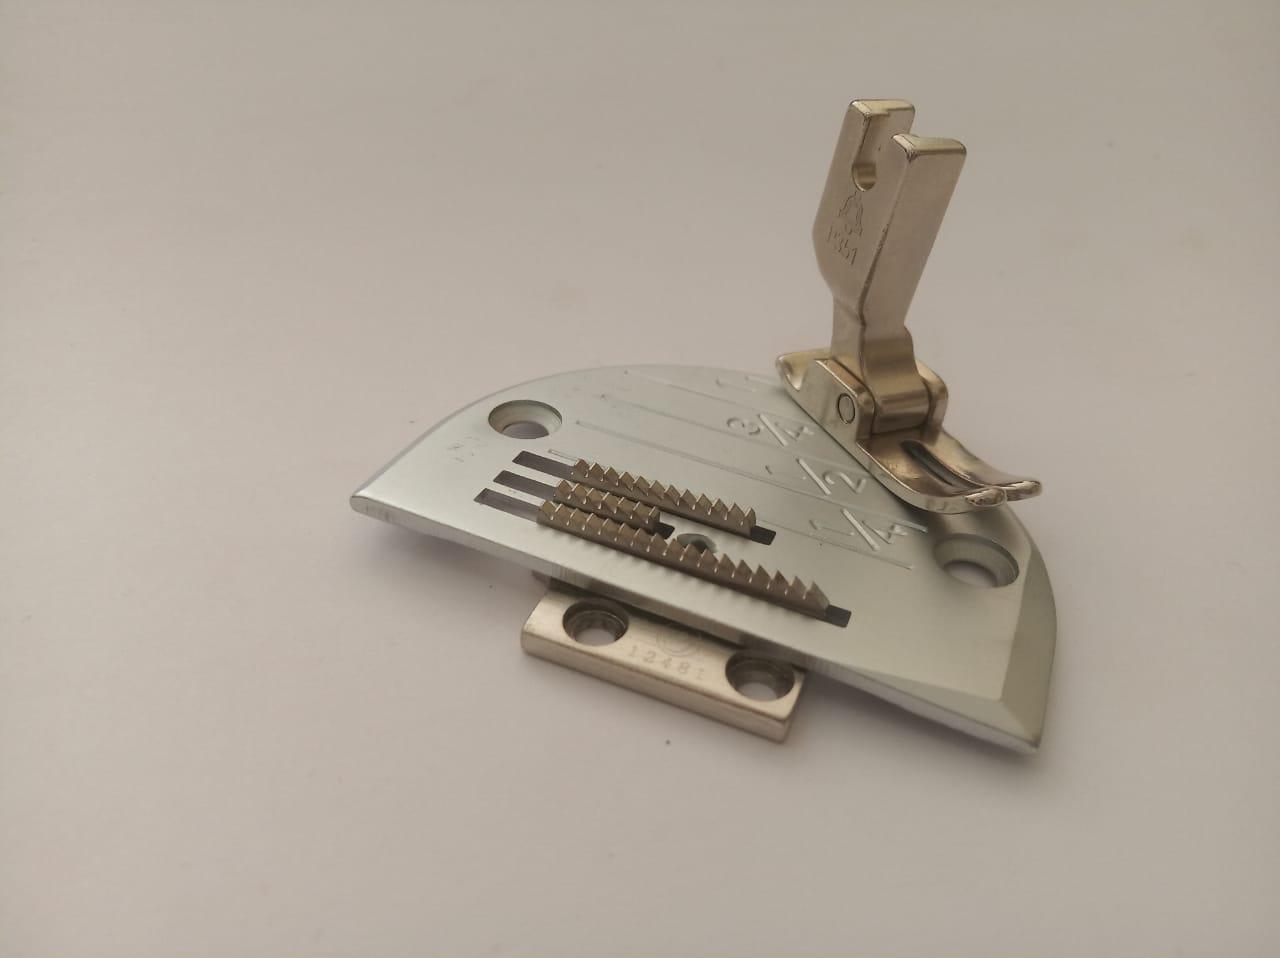 Conjunto Reta, Chapa Dente e Calcador 3 Carreiras c/ Rebaixo